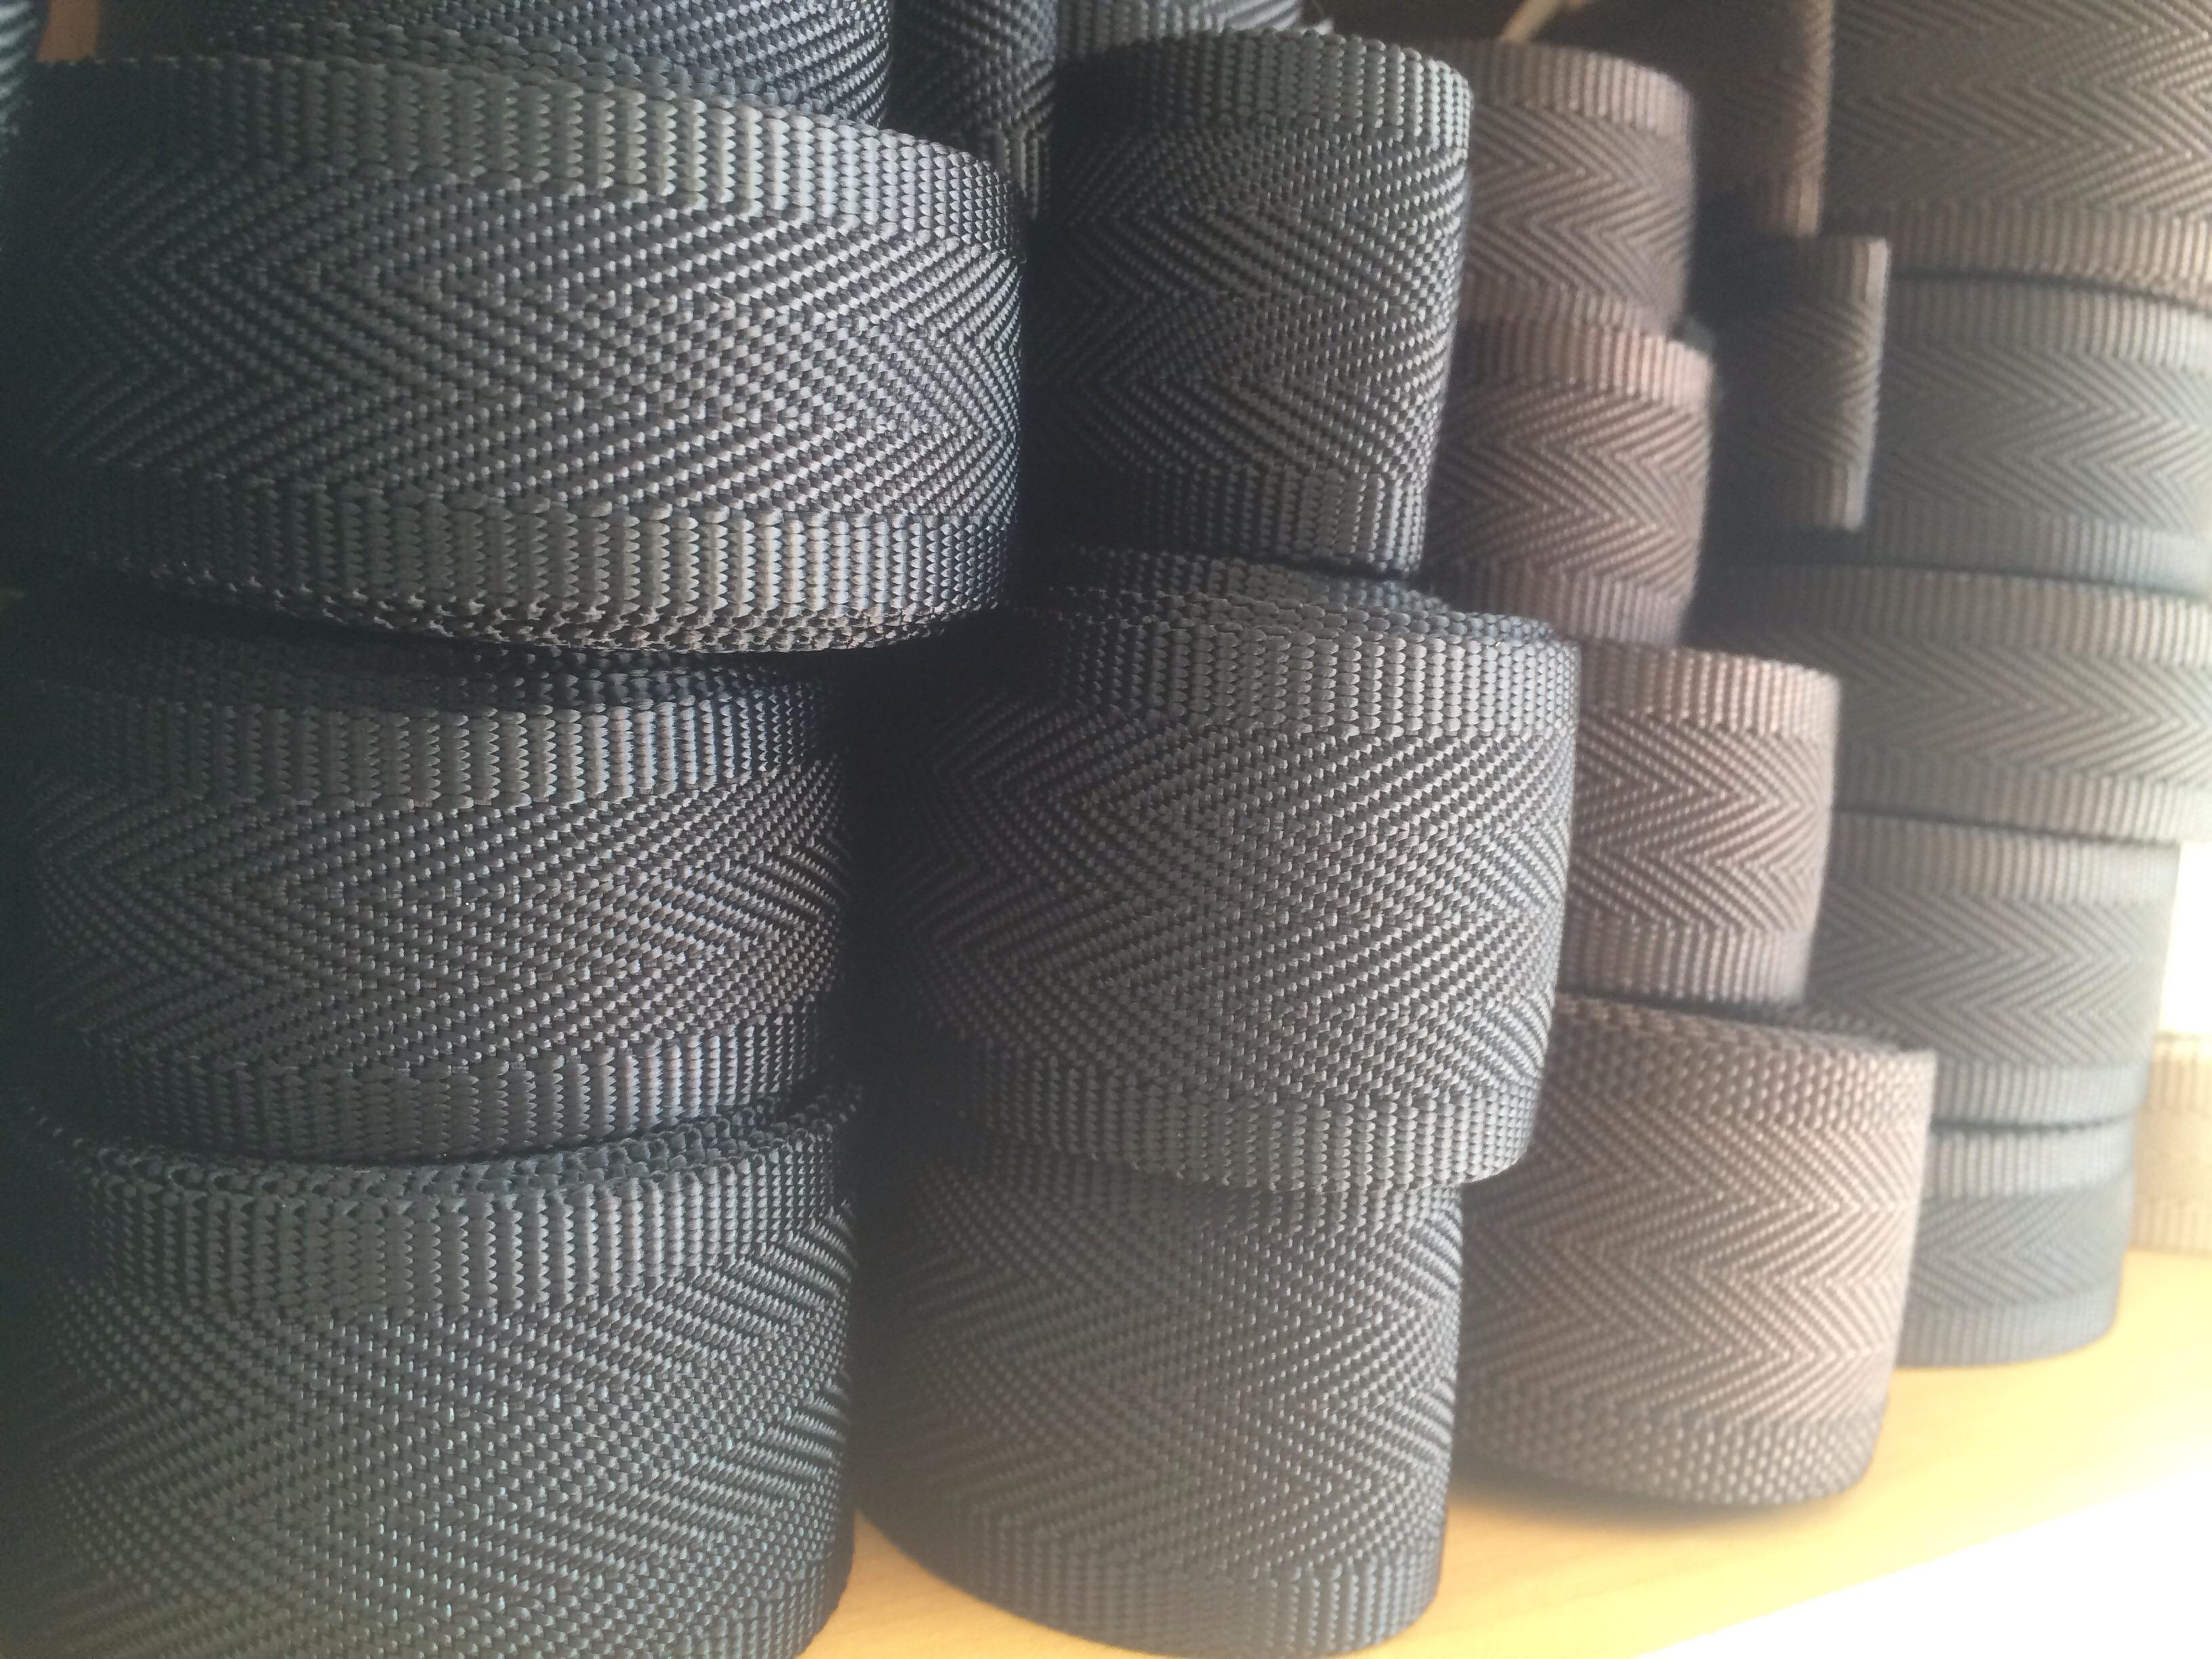 ナイロン 耳付ヘリンボン織 30mm幅 1反(50m) 黒